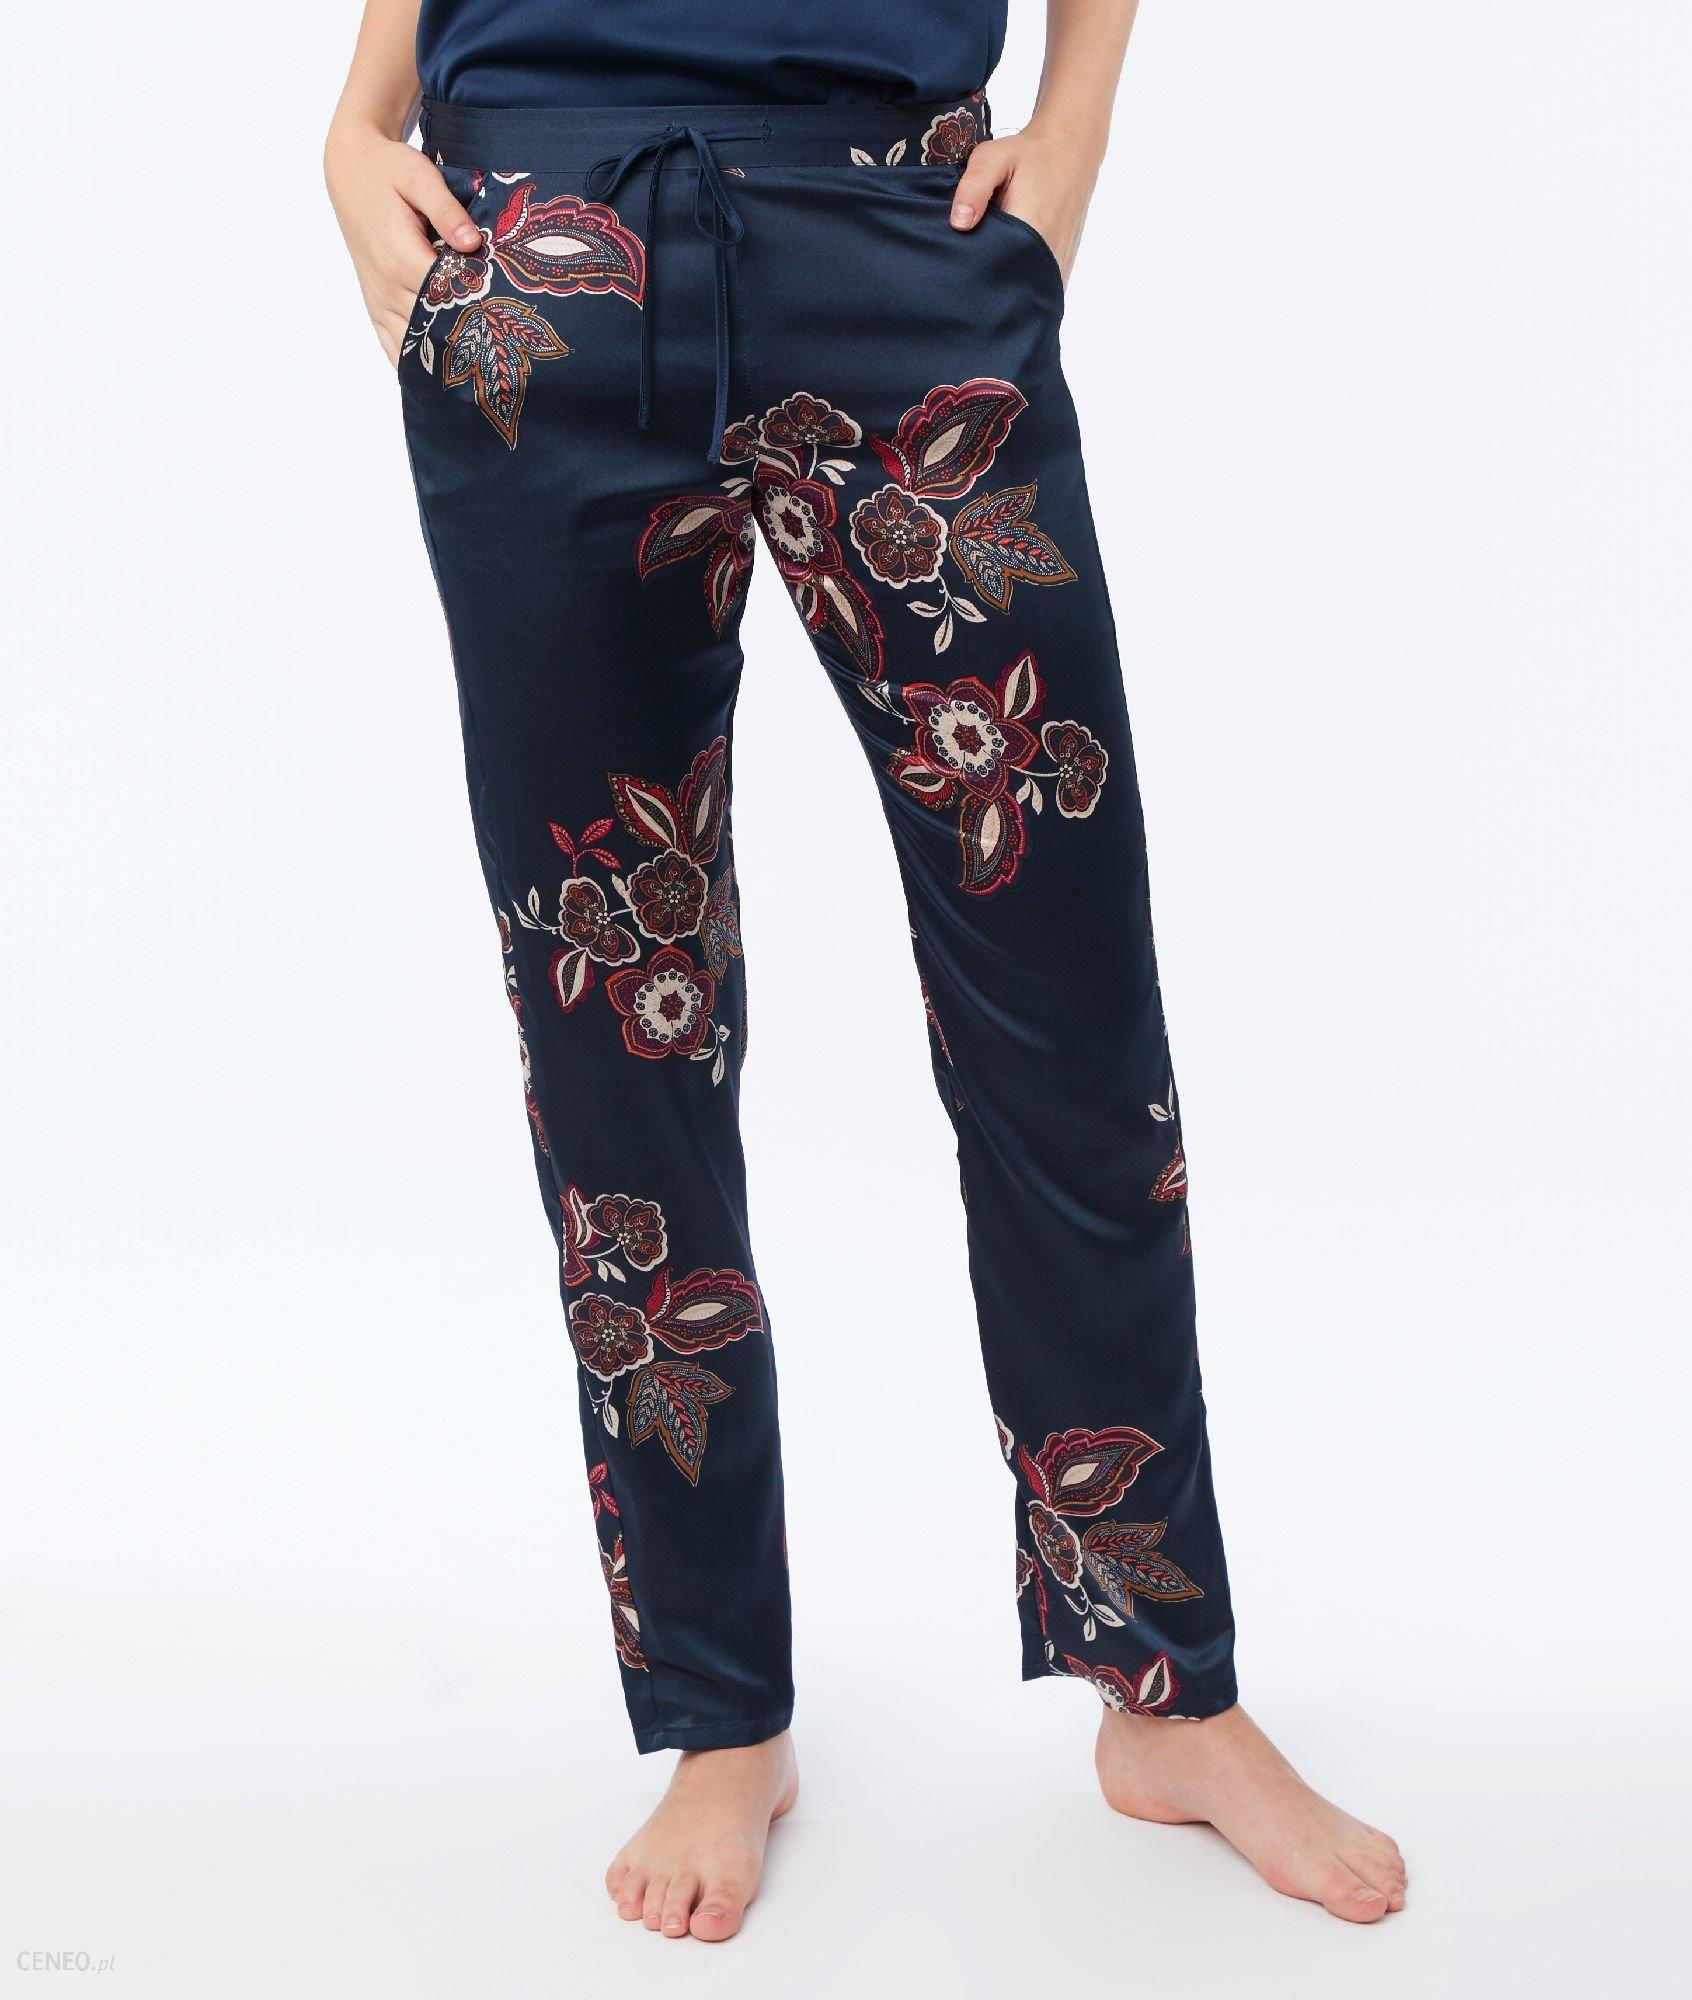 c878de3ebbef Etam Satynowe spodnie od piżamy - CELESTE - Ceny i opinie - Ceneo.pl